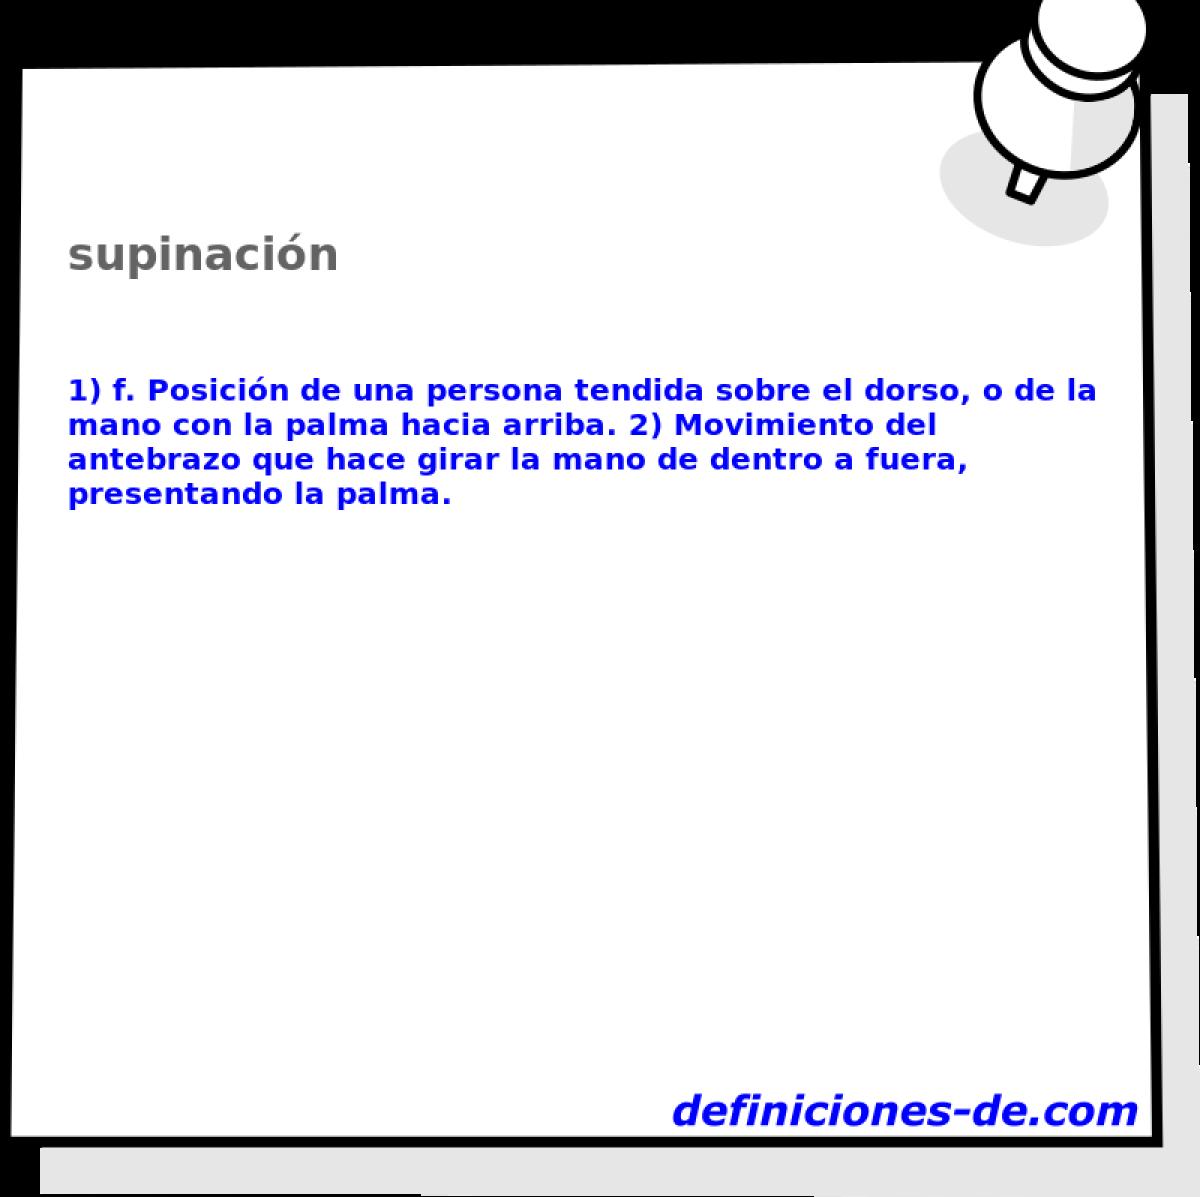 Qué significa Supinación?